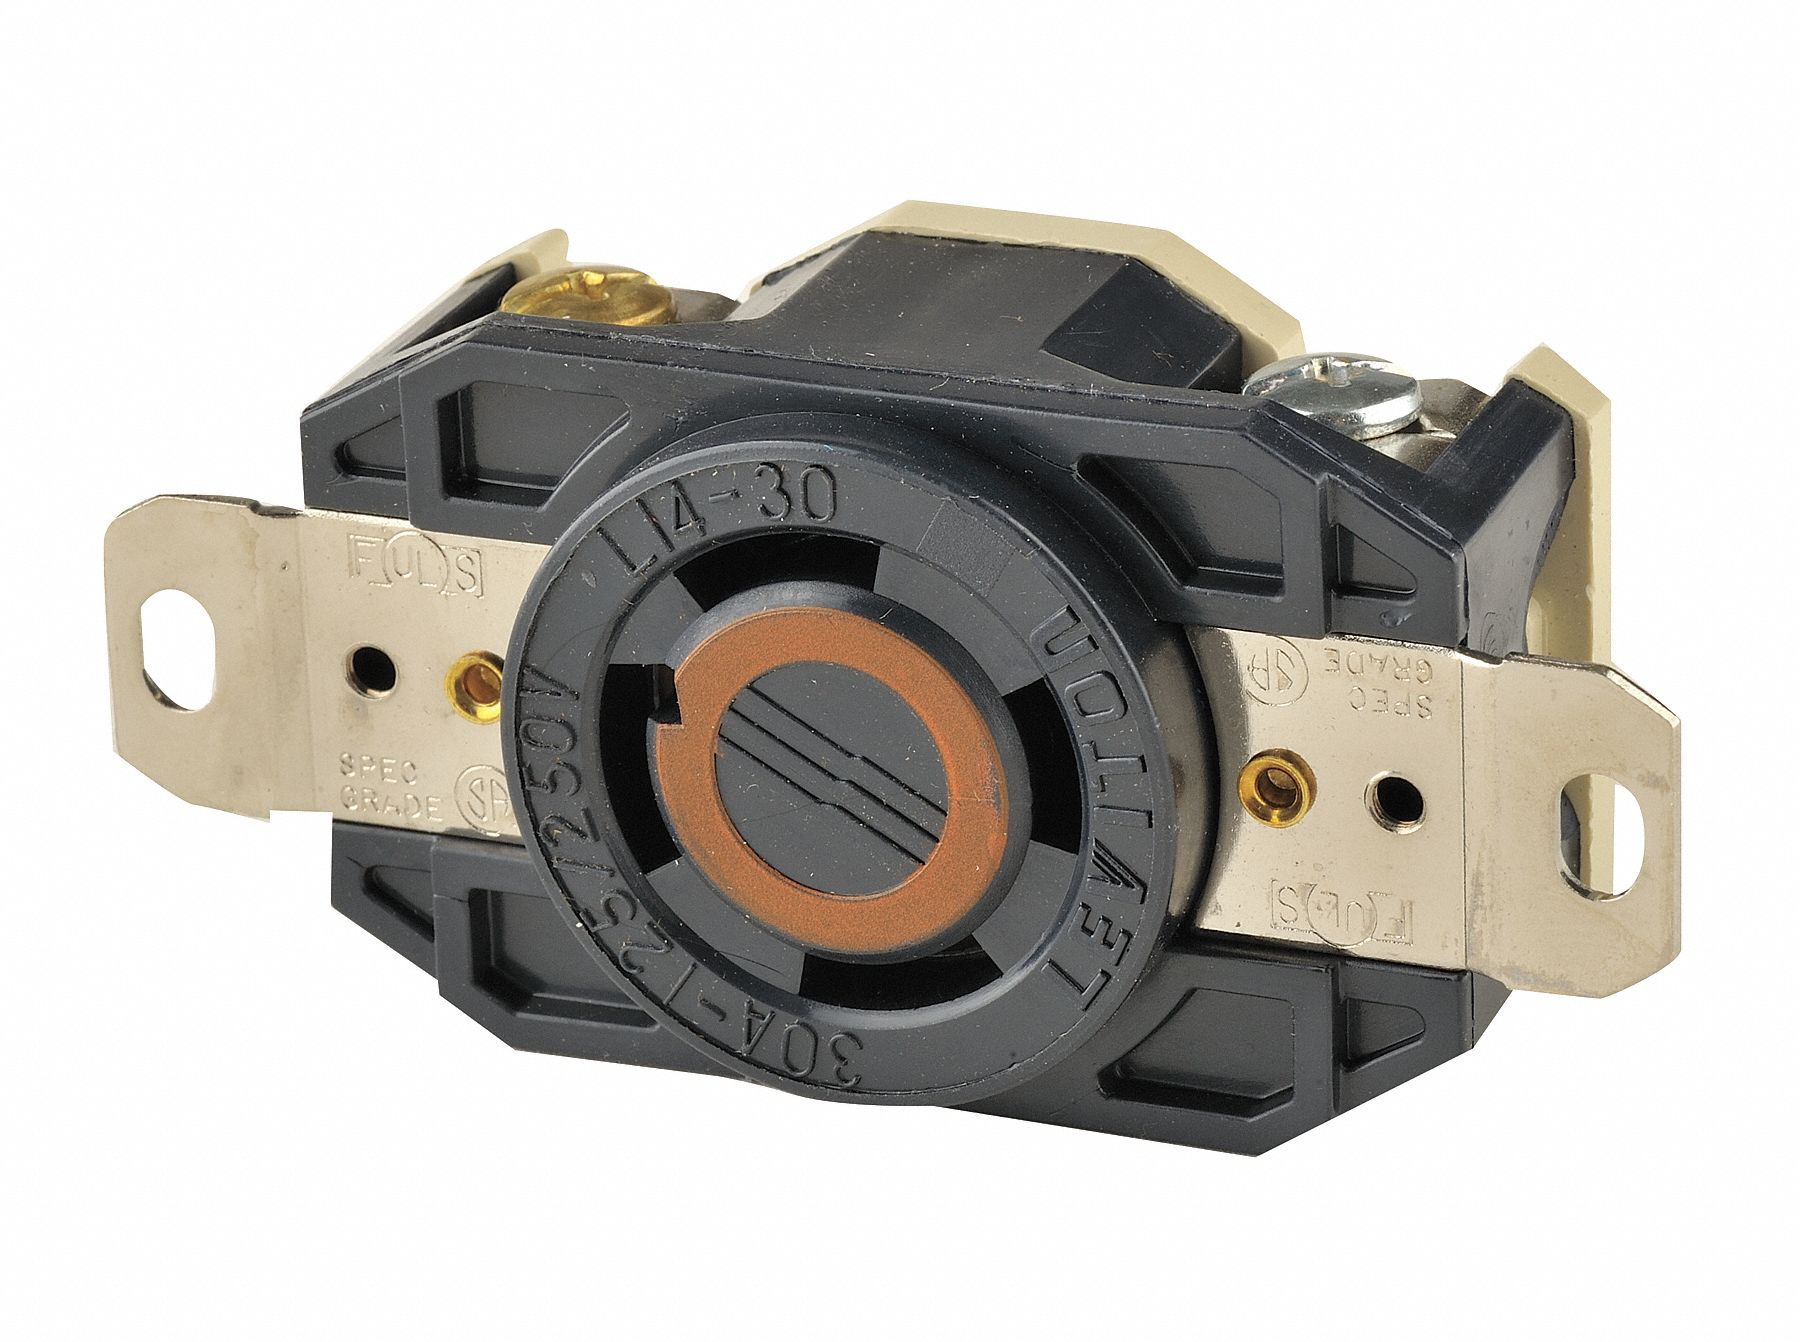 Leviton Black Locking Receptacle  30 Amps  125  250v Ac